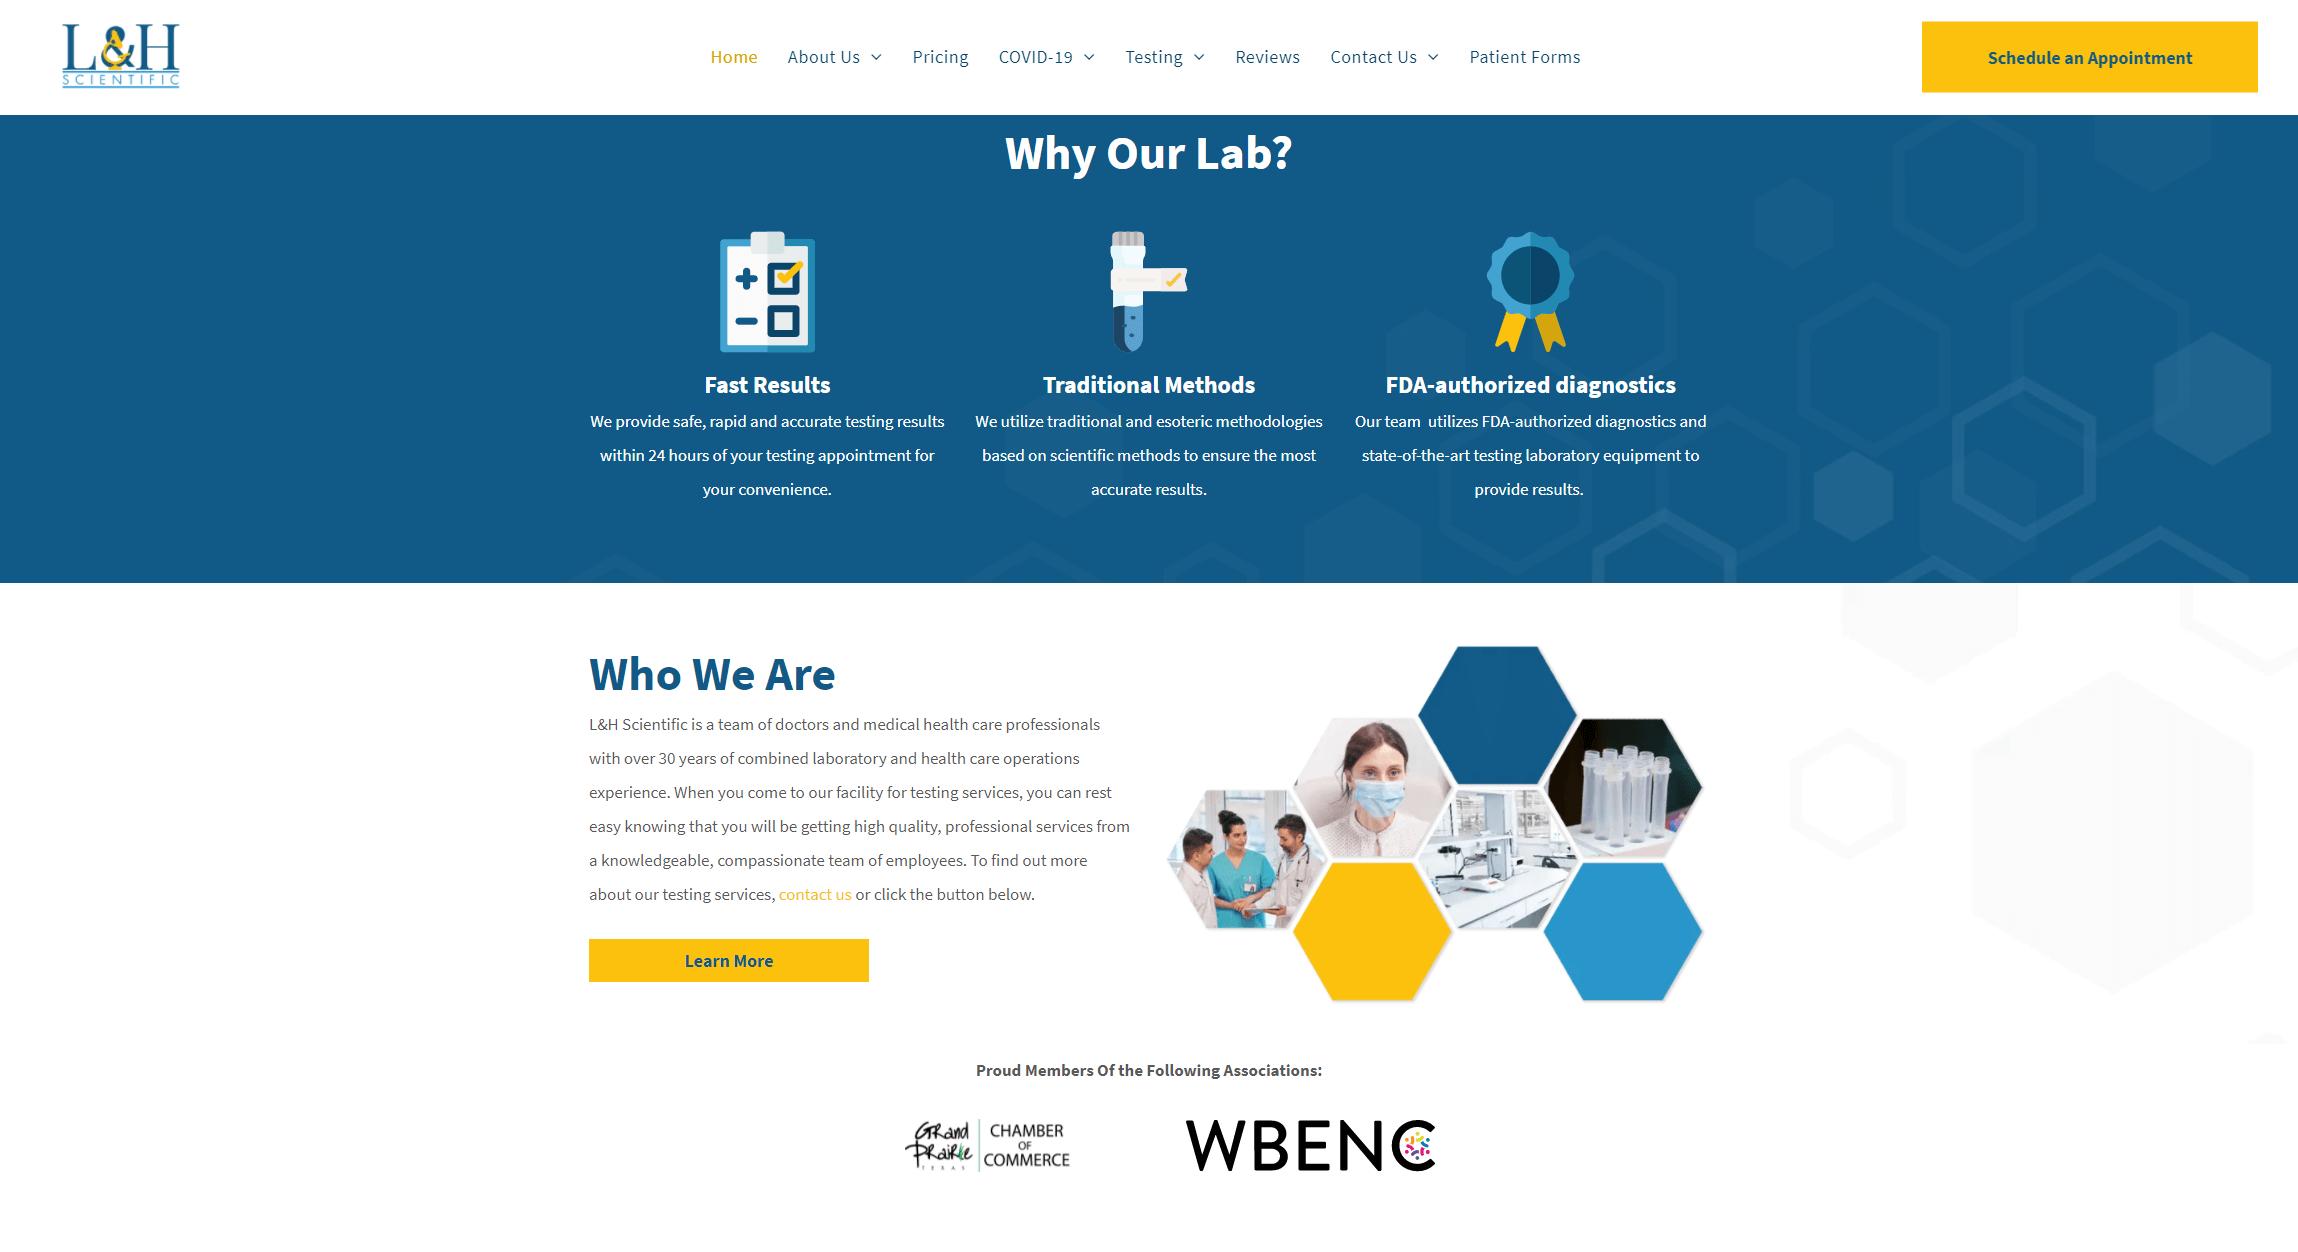 www.lhscientific.com-2